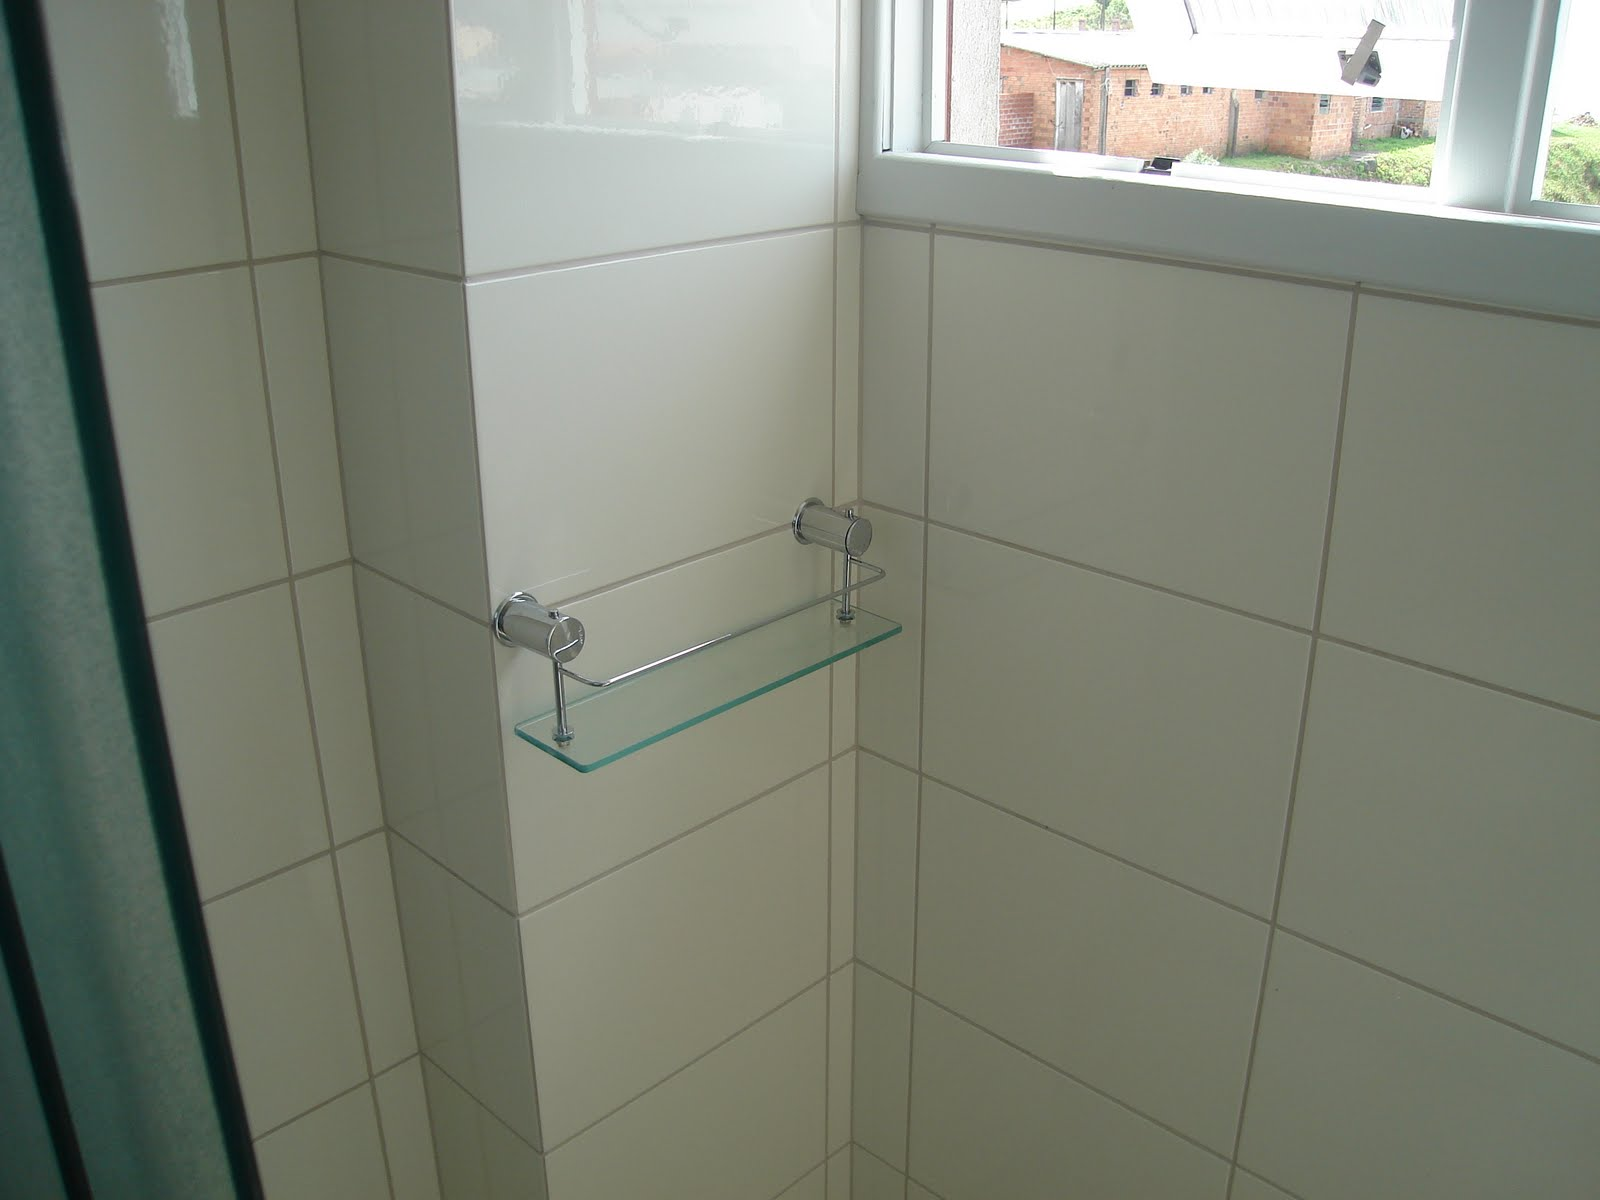 sábado 12 de junho de 2010 #7E5B4D 1600x1200 Banheiro Branco Com Rejunte Escuro